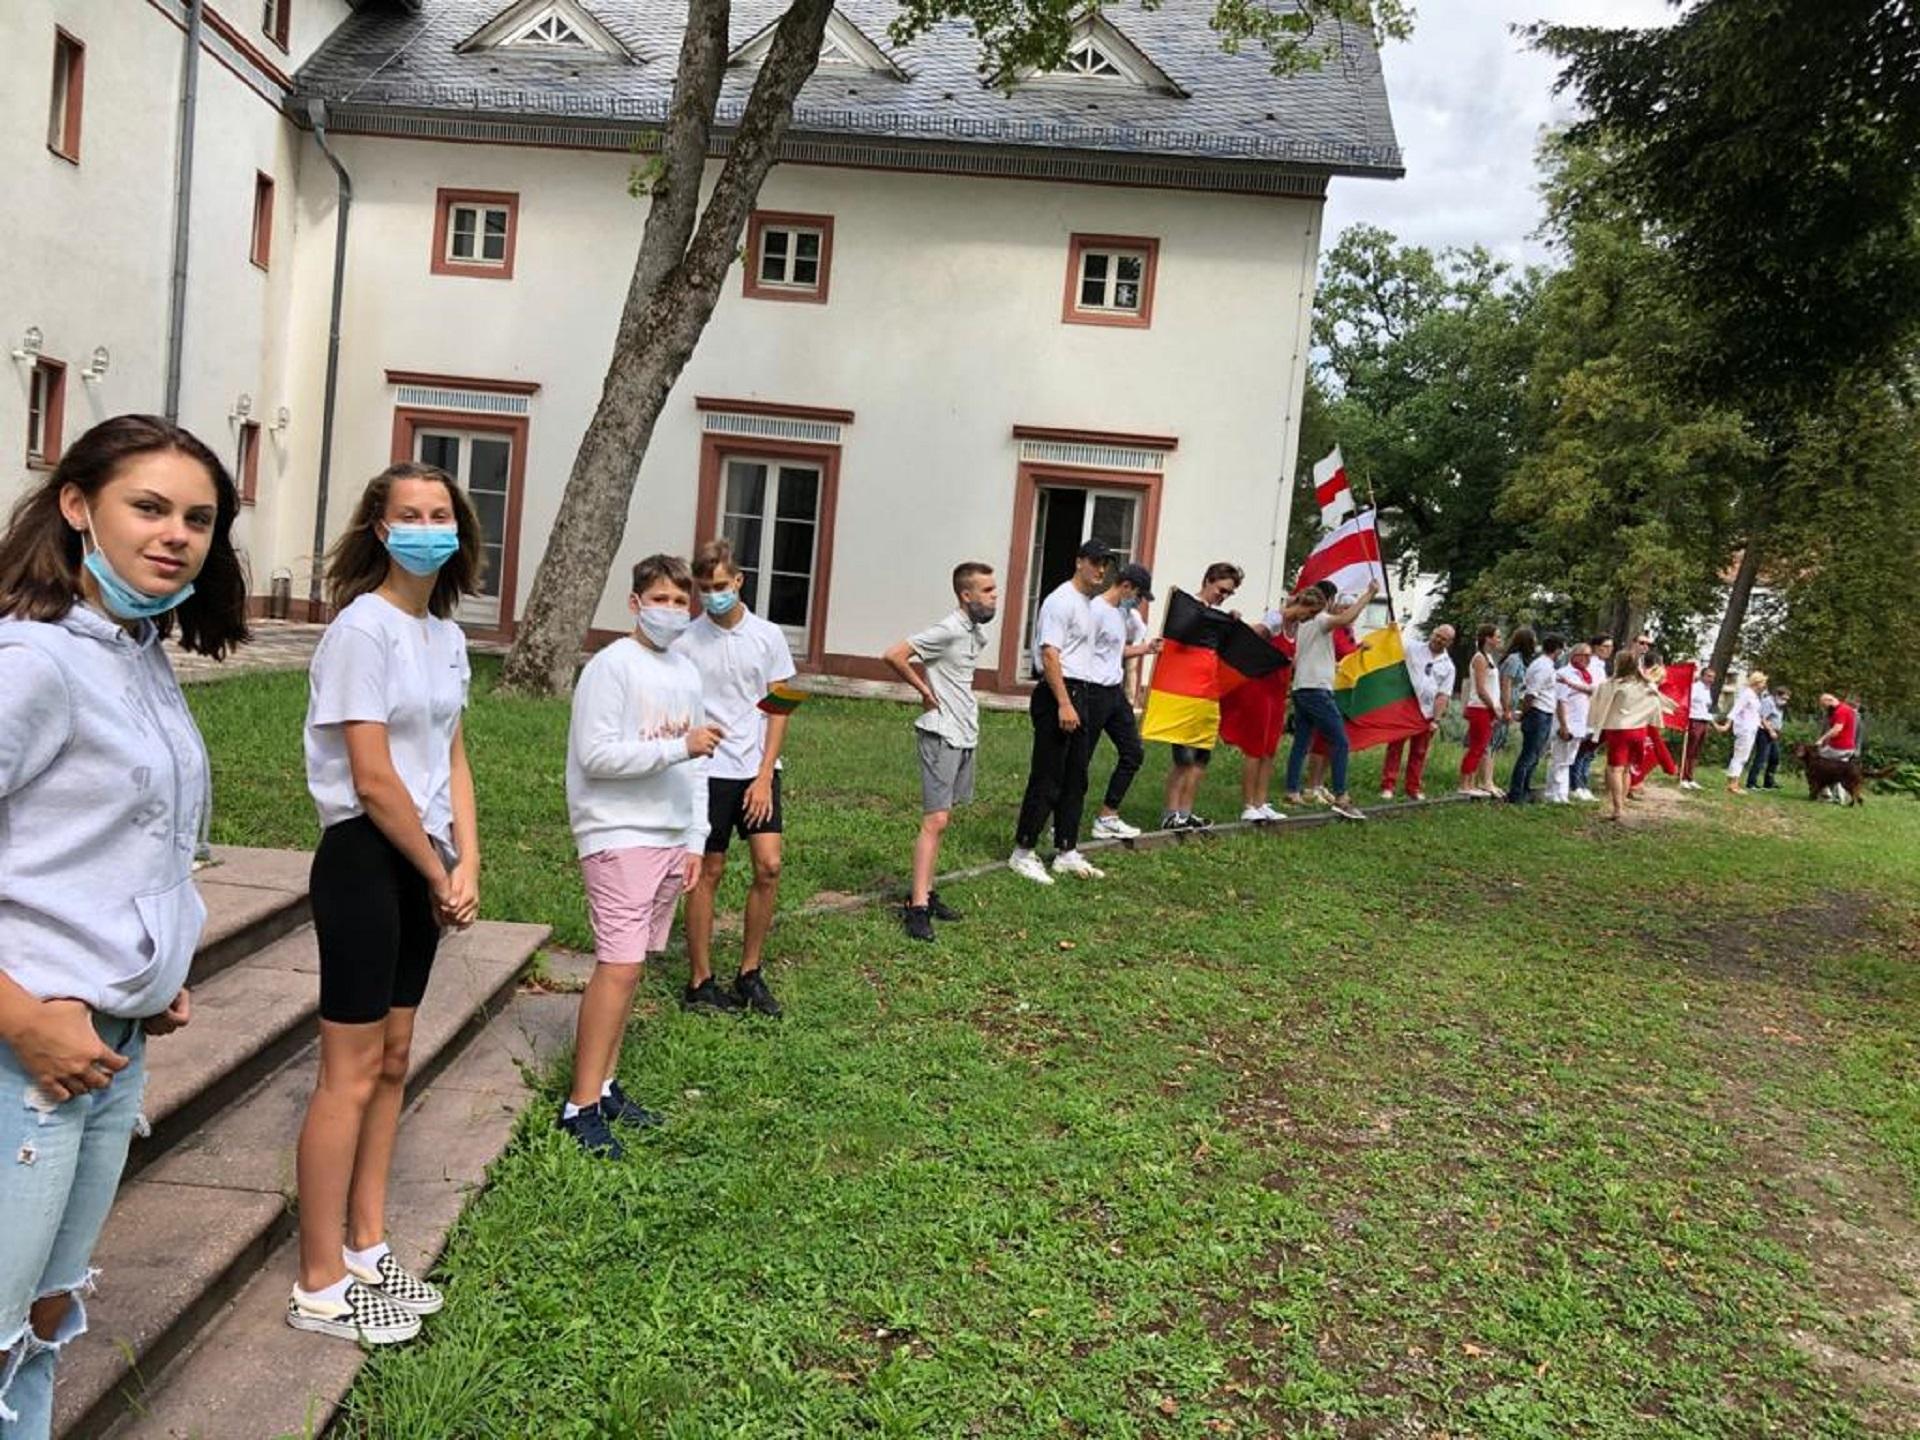 """Vasario 16-osios gimnazijos bendrabutyje gyvenantys mokiniai dalyvauja akcijoje """"Kartu su Baltarusijos tauta jos kelyje į laisvę"""""""